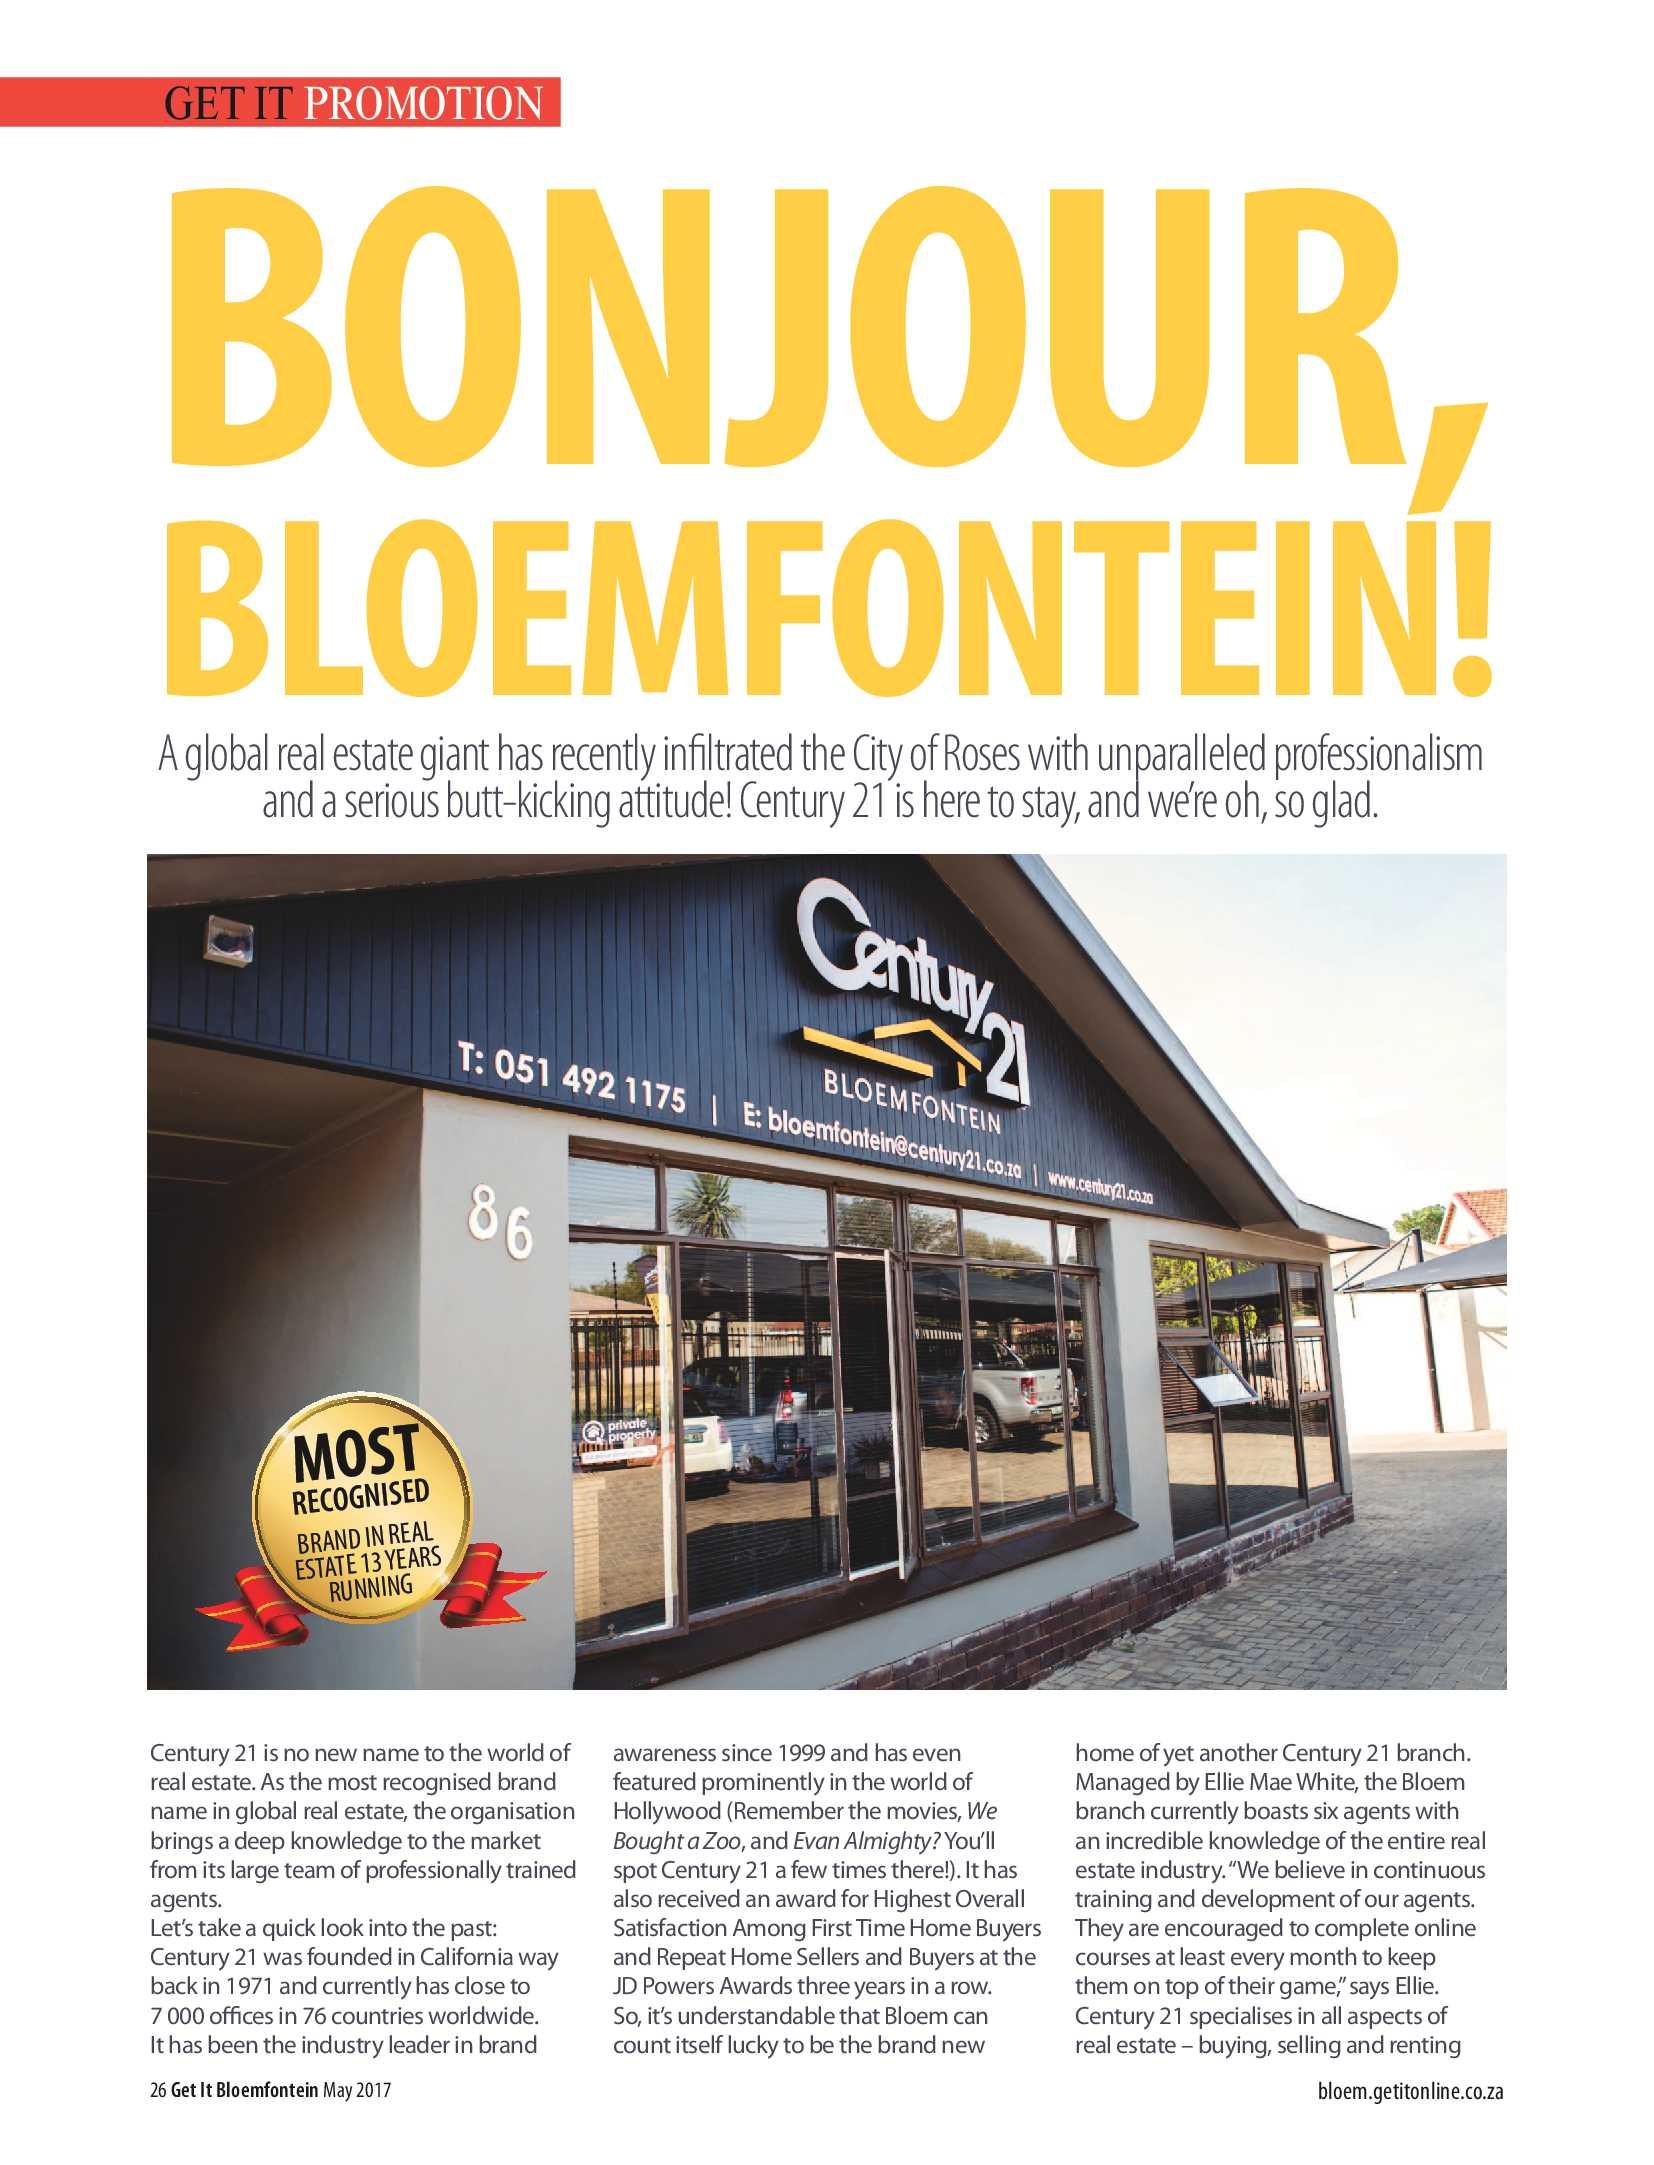 get-bloemfontein-may-2017-epapers-page-28